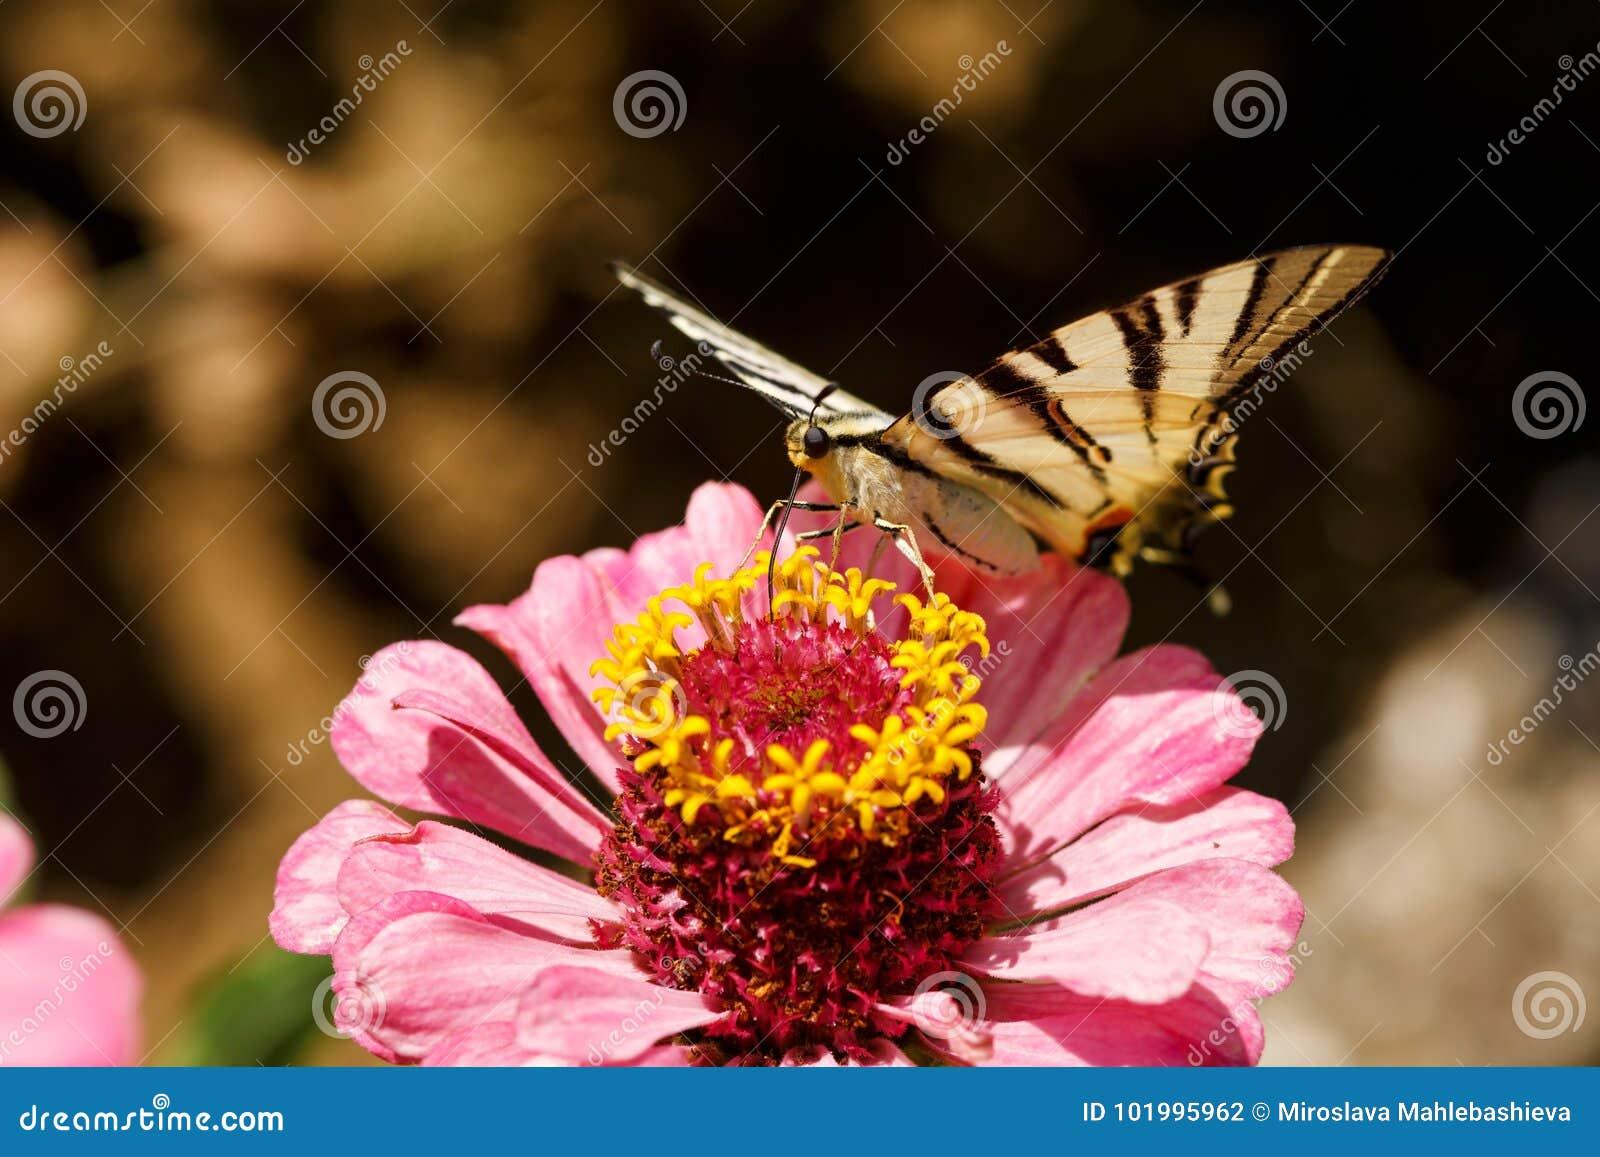 Η μακροεντολή μιας πεταλούδας Swallowtail Papilionidae στη Zinnia elegans ανθίζει στο θολωμένο φυσικό κλίμα μια φωτεινή θερινή ημ